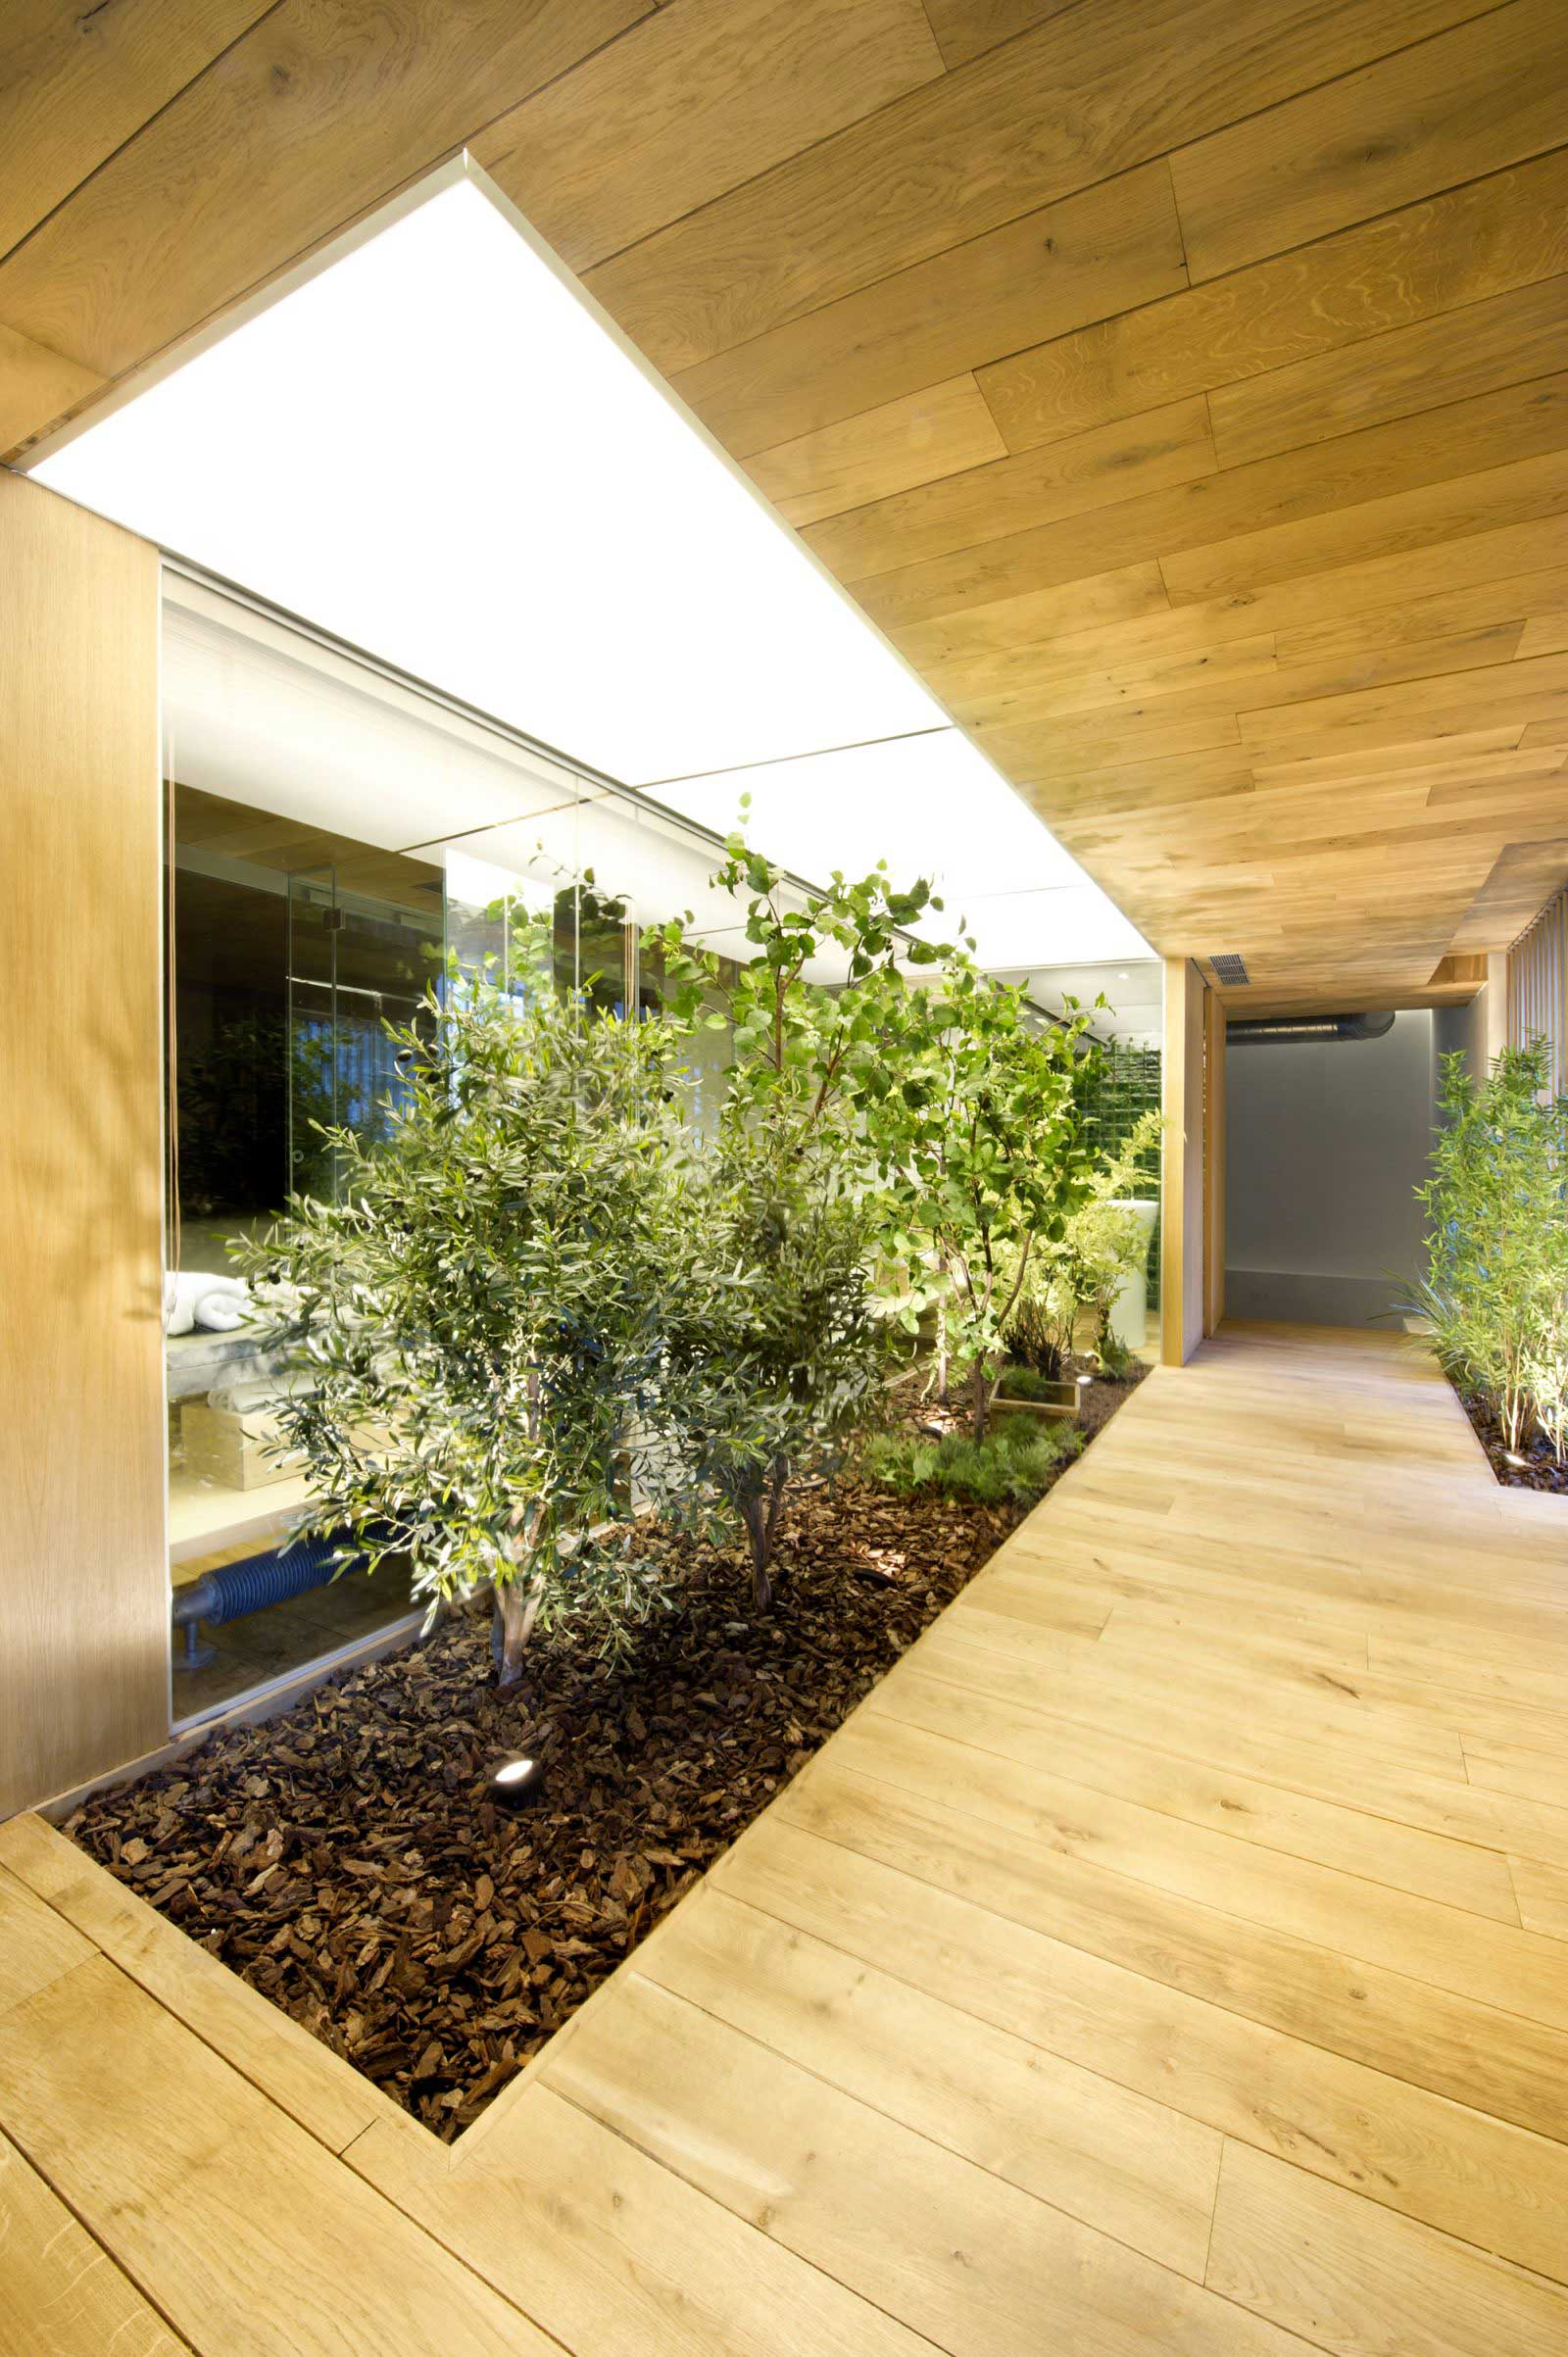 Plantes intégrées dans le sol du loft